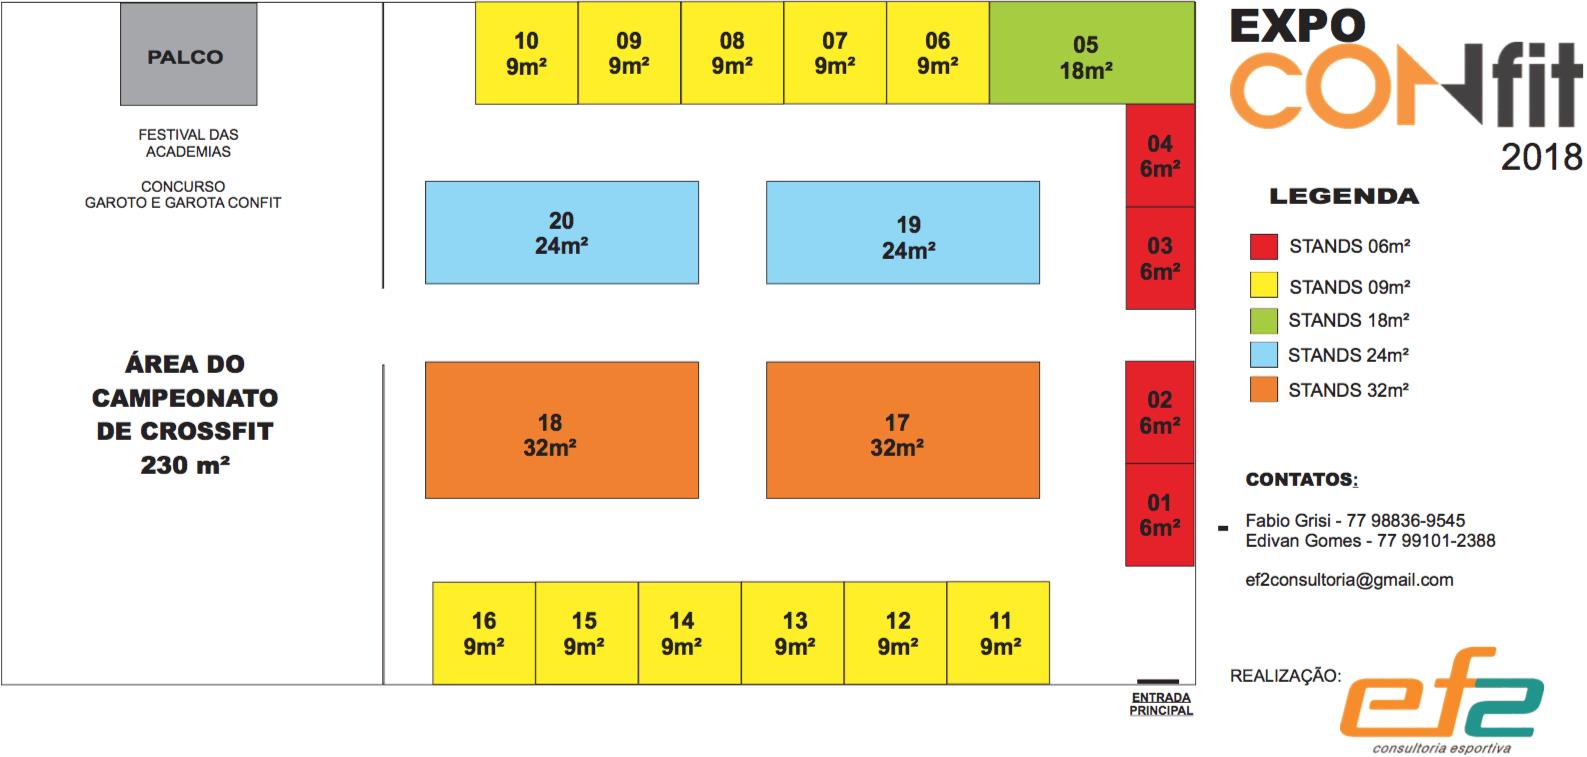 planta-expo-confit-2018